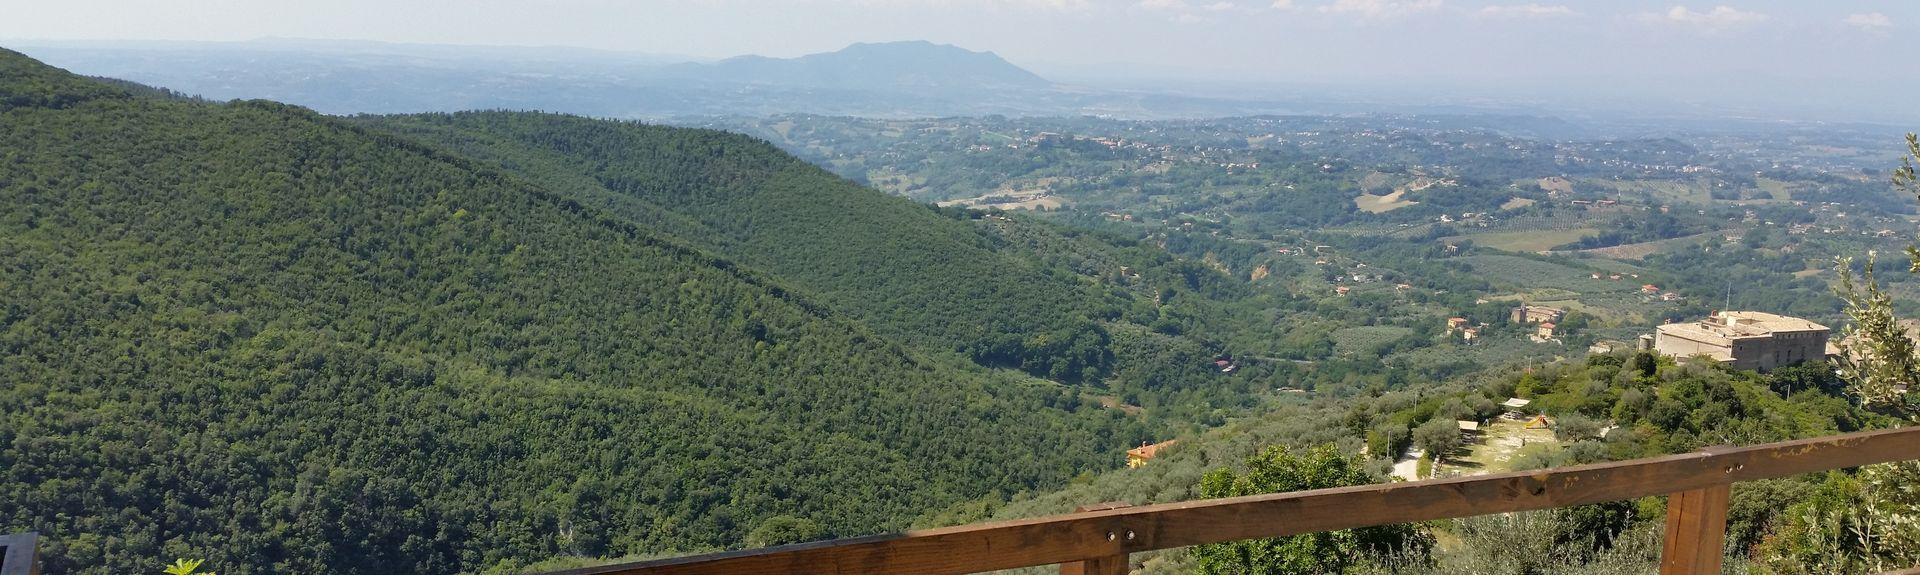 Torricella in Sabina, Latium, Italie